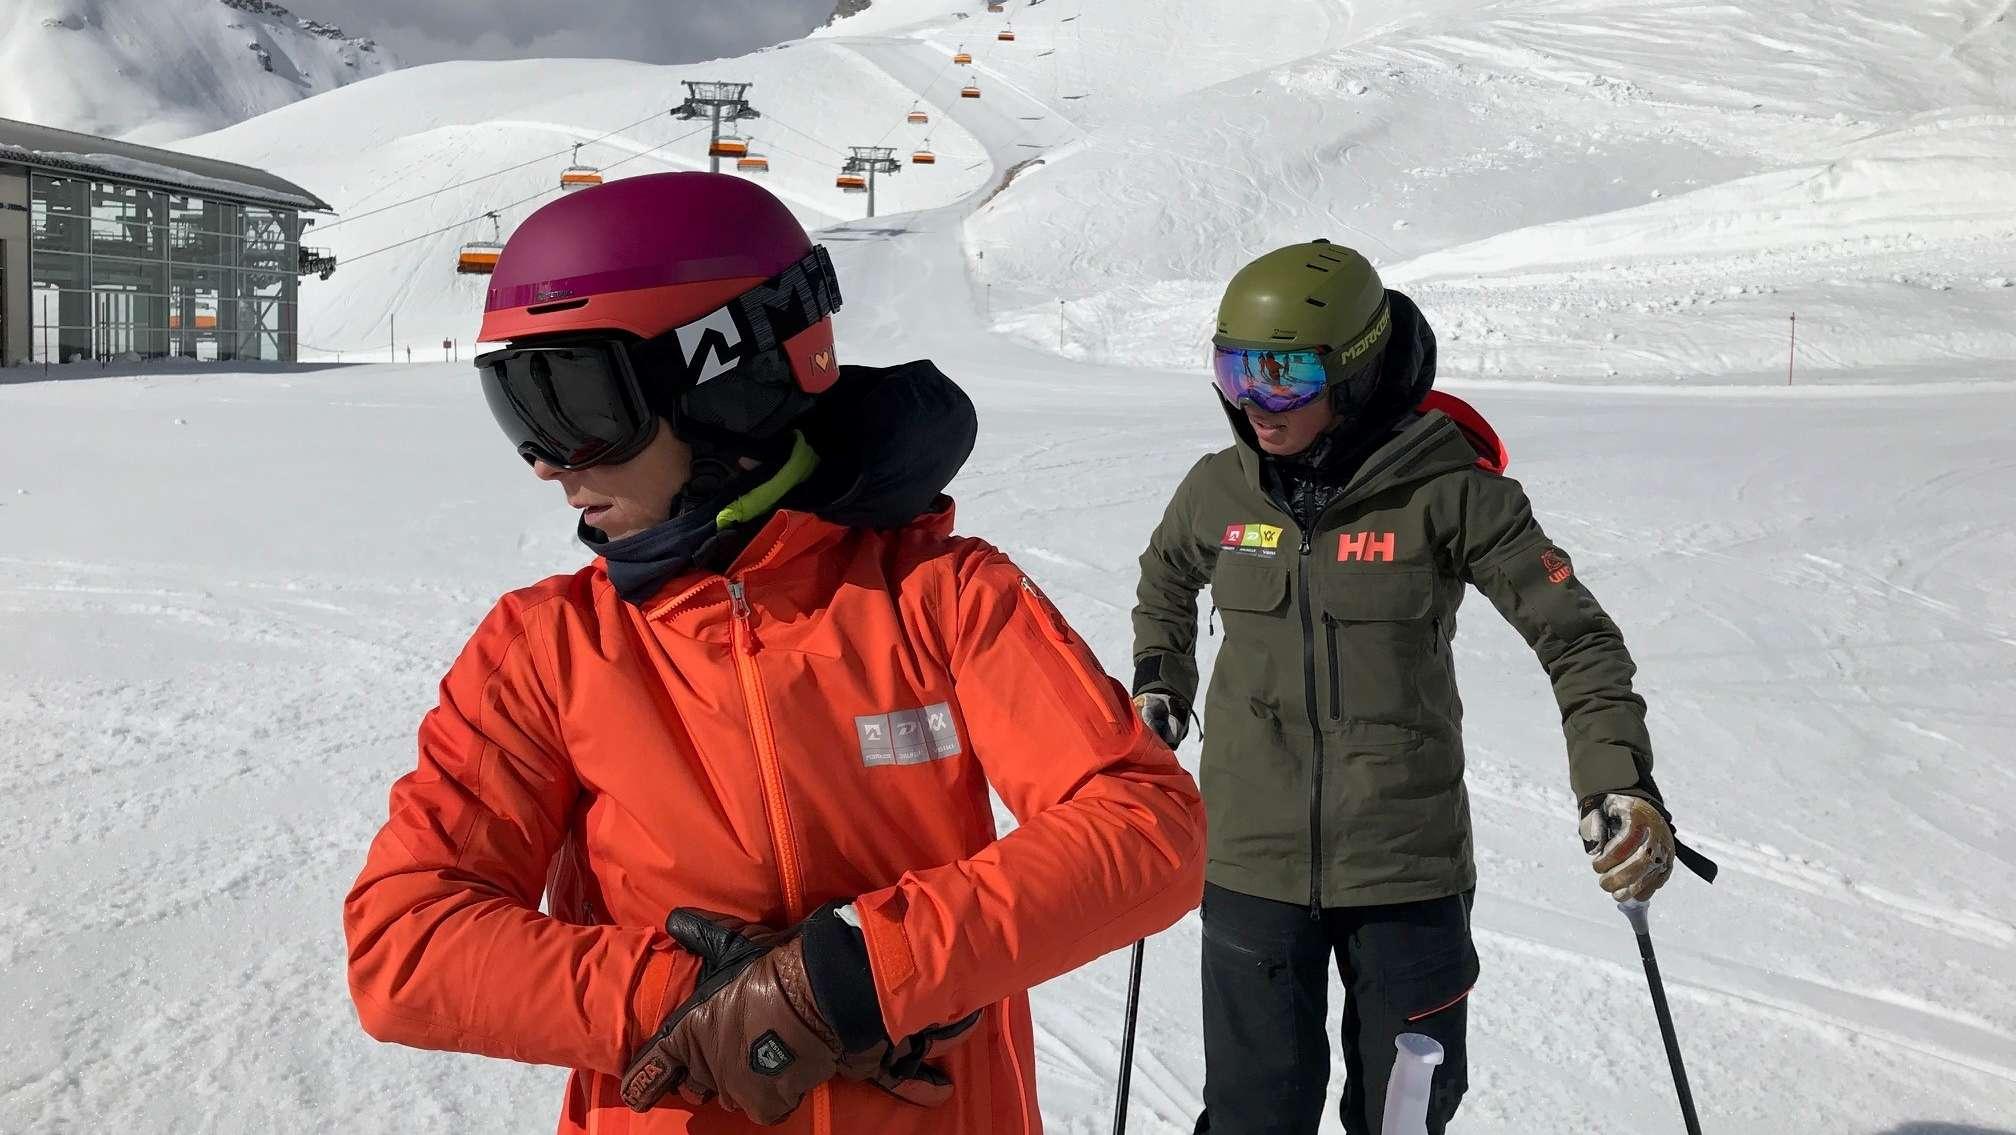 Die ehemaligen Skirennläuferinnen Petras Stürzenegger (l.) und Anja Blieninger testen neue Skier auf der Zugspitze.